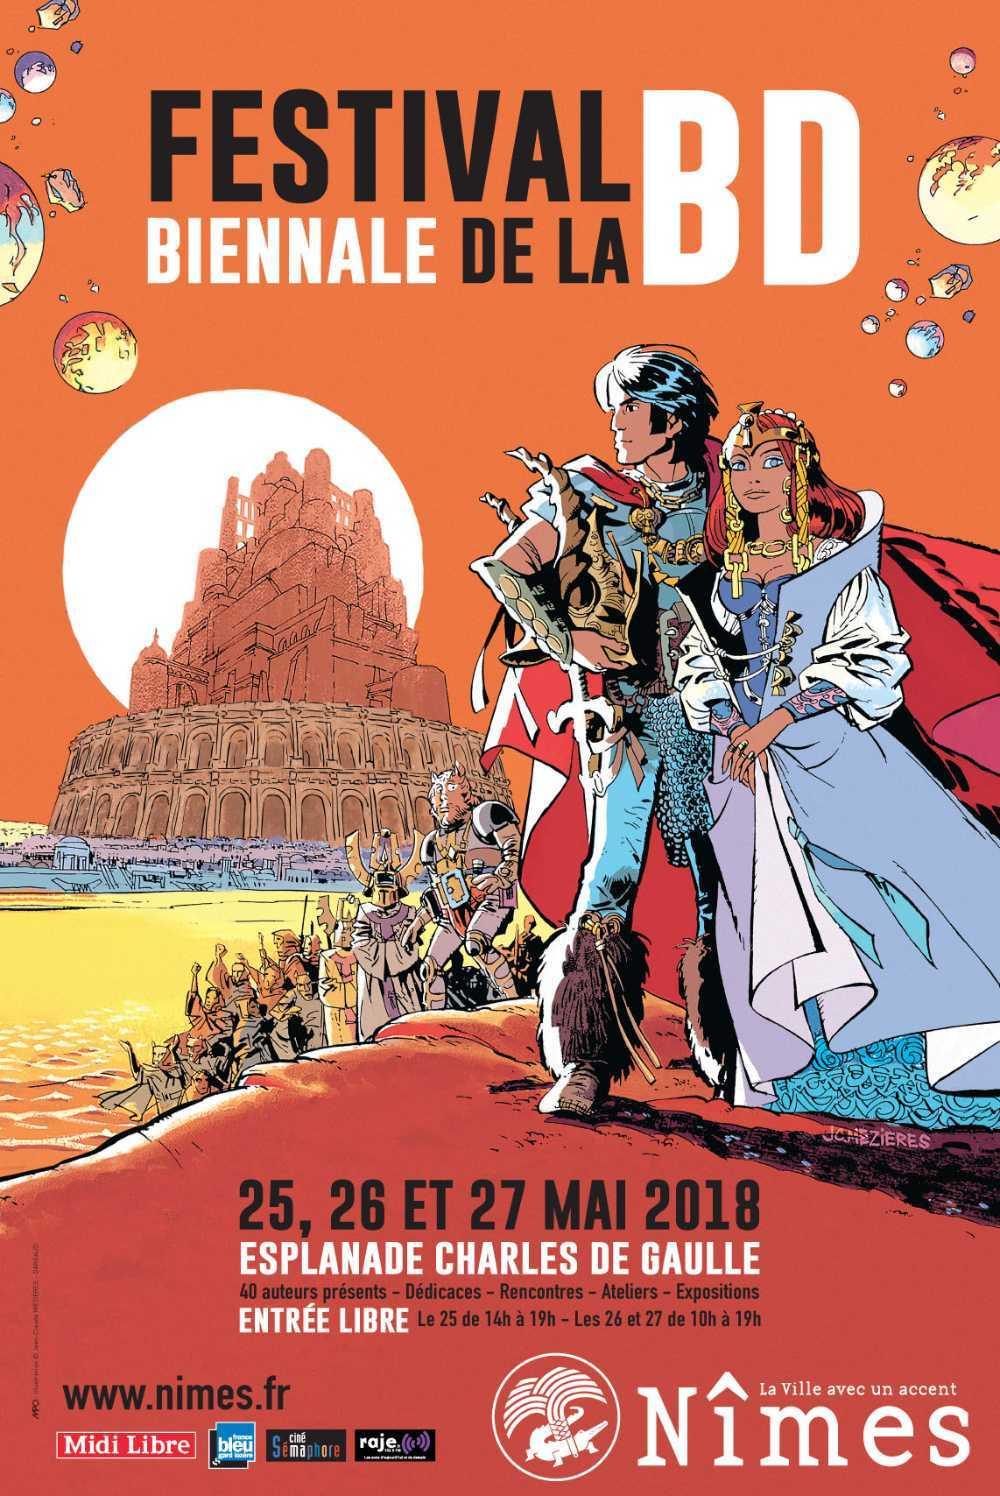 Biennale BD de Nîmes 2018, Mézières avec un plateau d'auteurs et Jailloux primé pour Alix